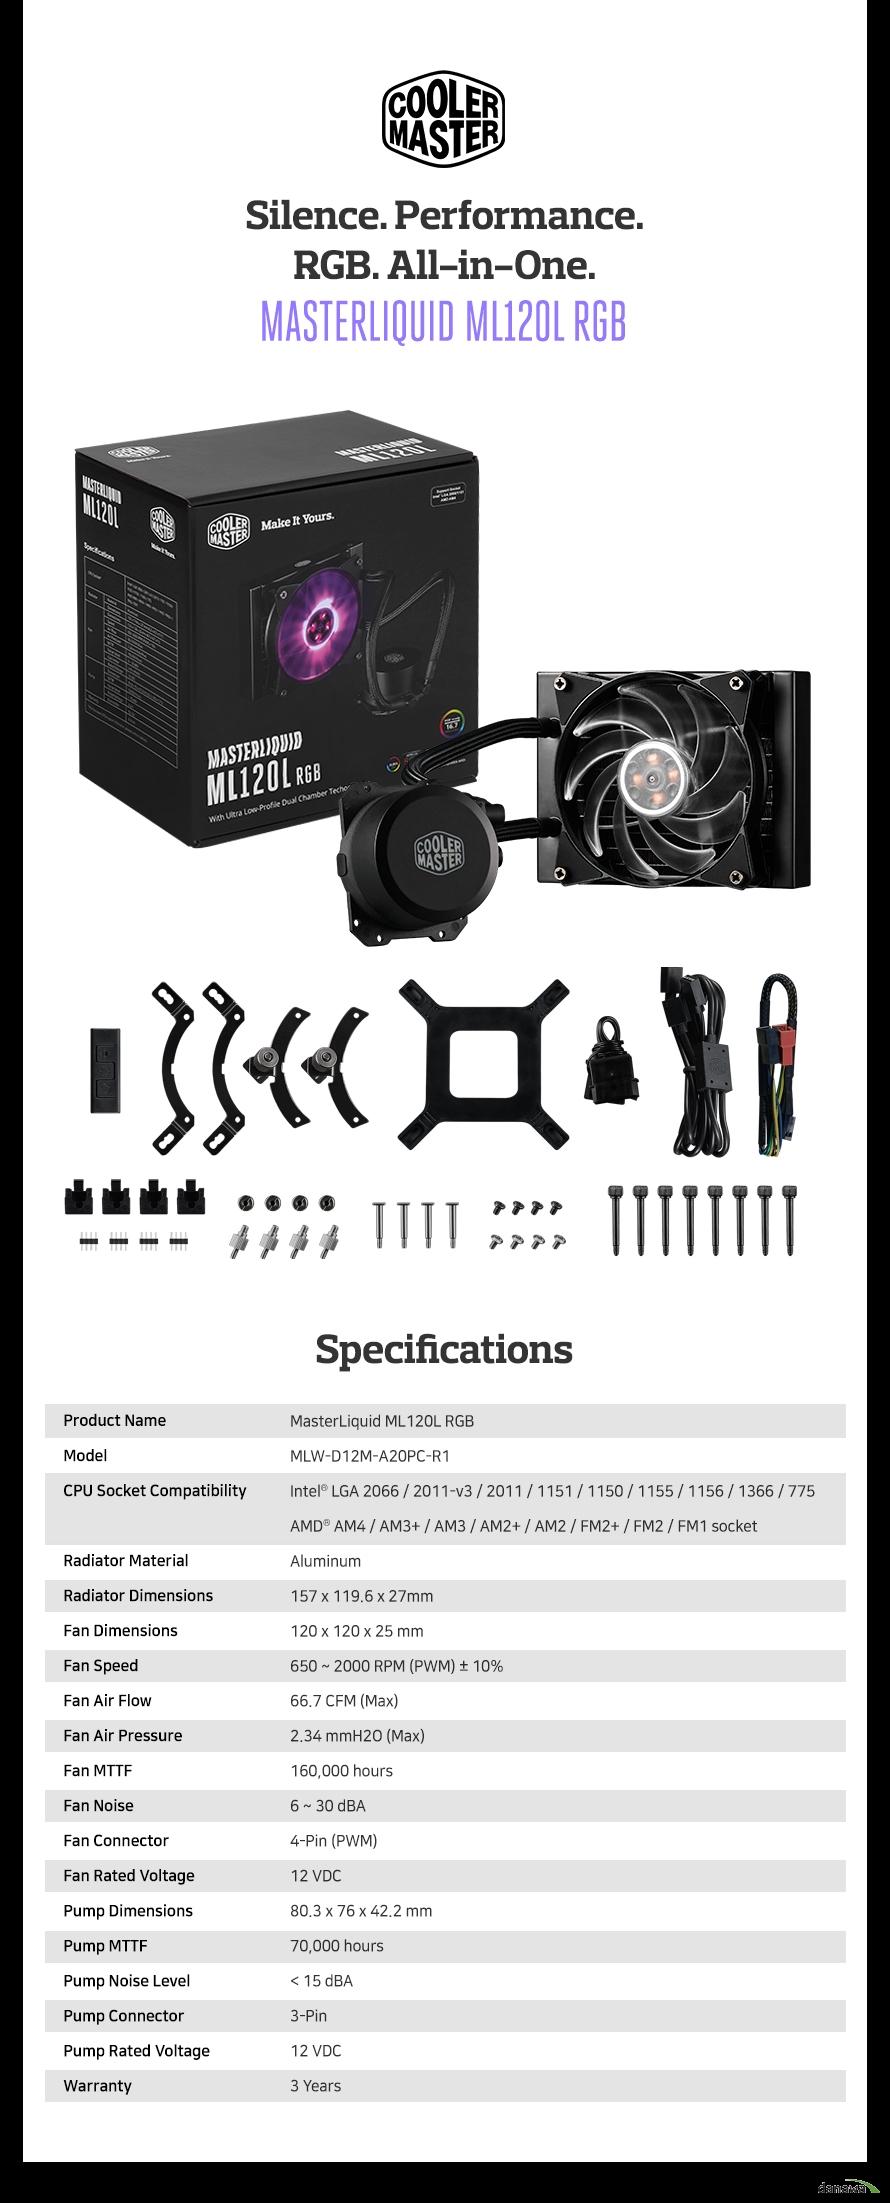 Product Name MasterLiquid ML120L RGBModel MLW-D12M-A20PC-R1CPU Socket Compatibility Intel® LGA 2066 / 2011-v3 / 2011 / 1151 / 1150 / 1155 / 1156 / 1366 / 775 AMD® AM4 / AM3+ / AM3 / AM2+ / AM2 / FM2+ / FM2 / FM1 socketRadiator Material AluminumRadiator Dimensions 157 x 119.6 x 27mm Fan Dimensions 120 x 120 x 25 mm Fan Speed 650 ~ 2000 RPM (PWM) ± 10%Fan Air Flow 66.7 CFM (Max)Fan Air Pressure 2.34 mmH2O (Max)Fan MTTF 160,000 hoursFan Noise 6 ~ 30 dBAFan Connector 4-Pin (PWM)Fan Rated Voltage 12 VDCPump Dimensions 80.3 x 76 x 42.2 mmPump MTTF 70,000 hoursPump Noise Level < 15 dBAPump Connector 3-PinPump Rated Voltage 12 VDCWarranty 2 Years 품질보증의 범위는 제품의 기능이나 성능상 하자로 제한하며 본 제품 이외의 손해에 대해서는 책임지지 않습니다.